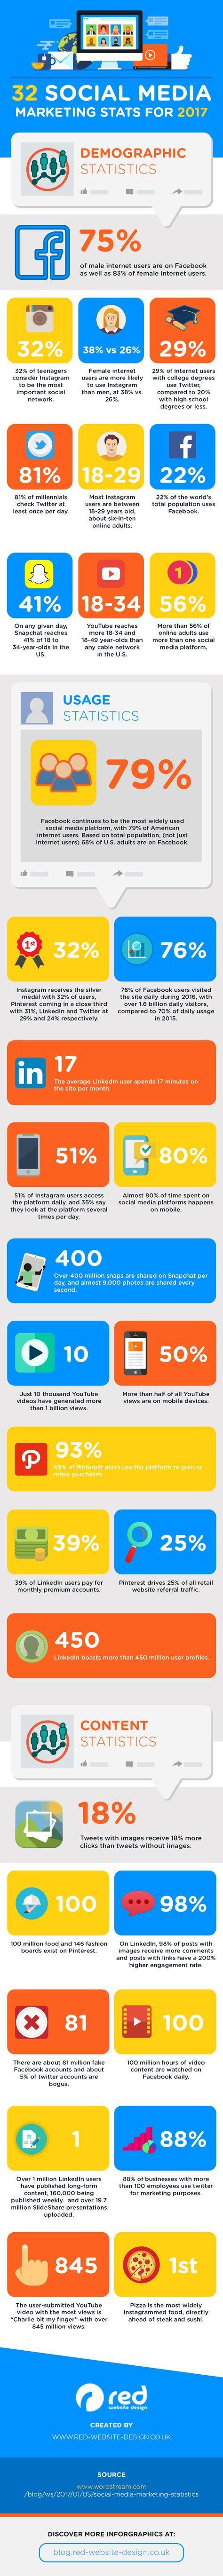 https://social-media-strategy-template.blogspot.com/ #SocialMedia 32 Social Media Marketing-Stats for 2017